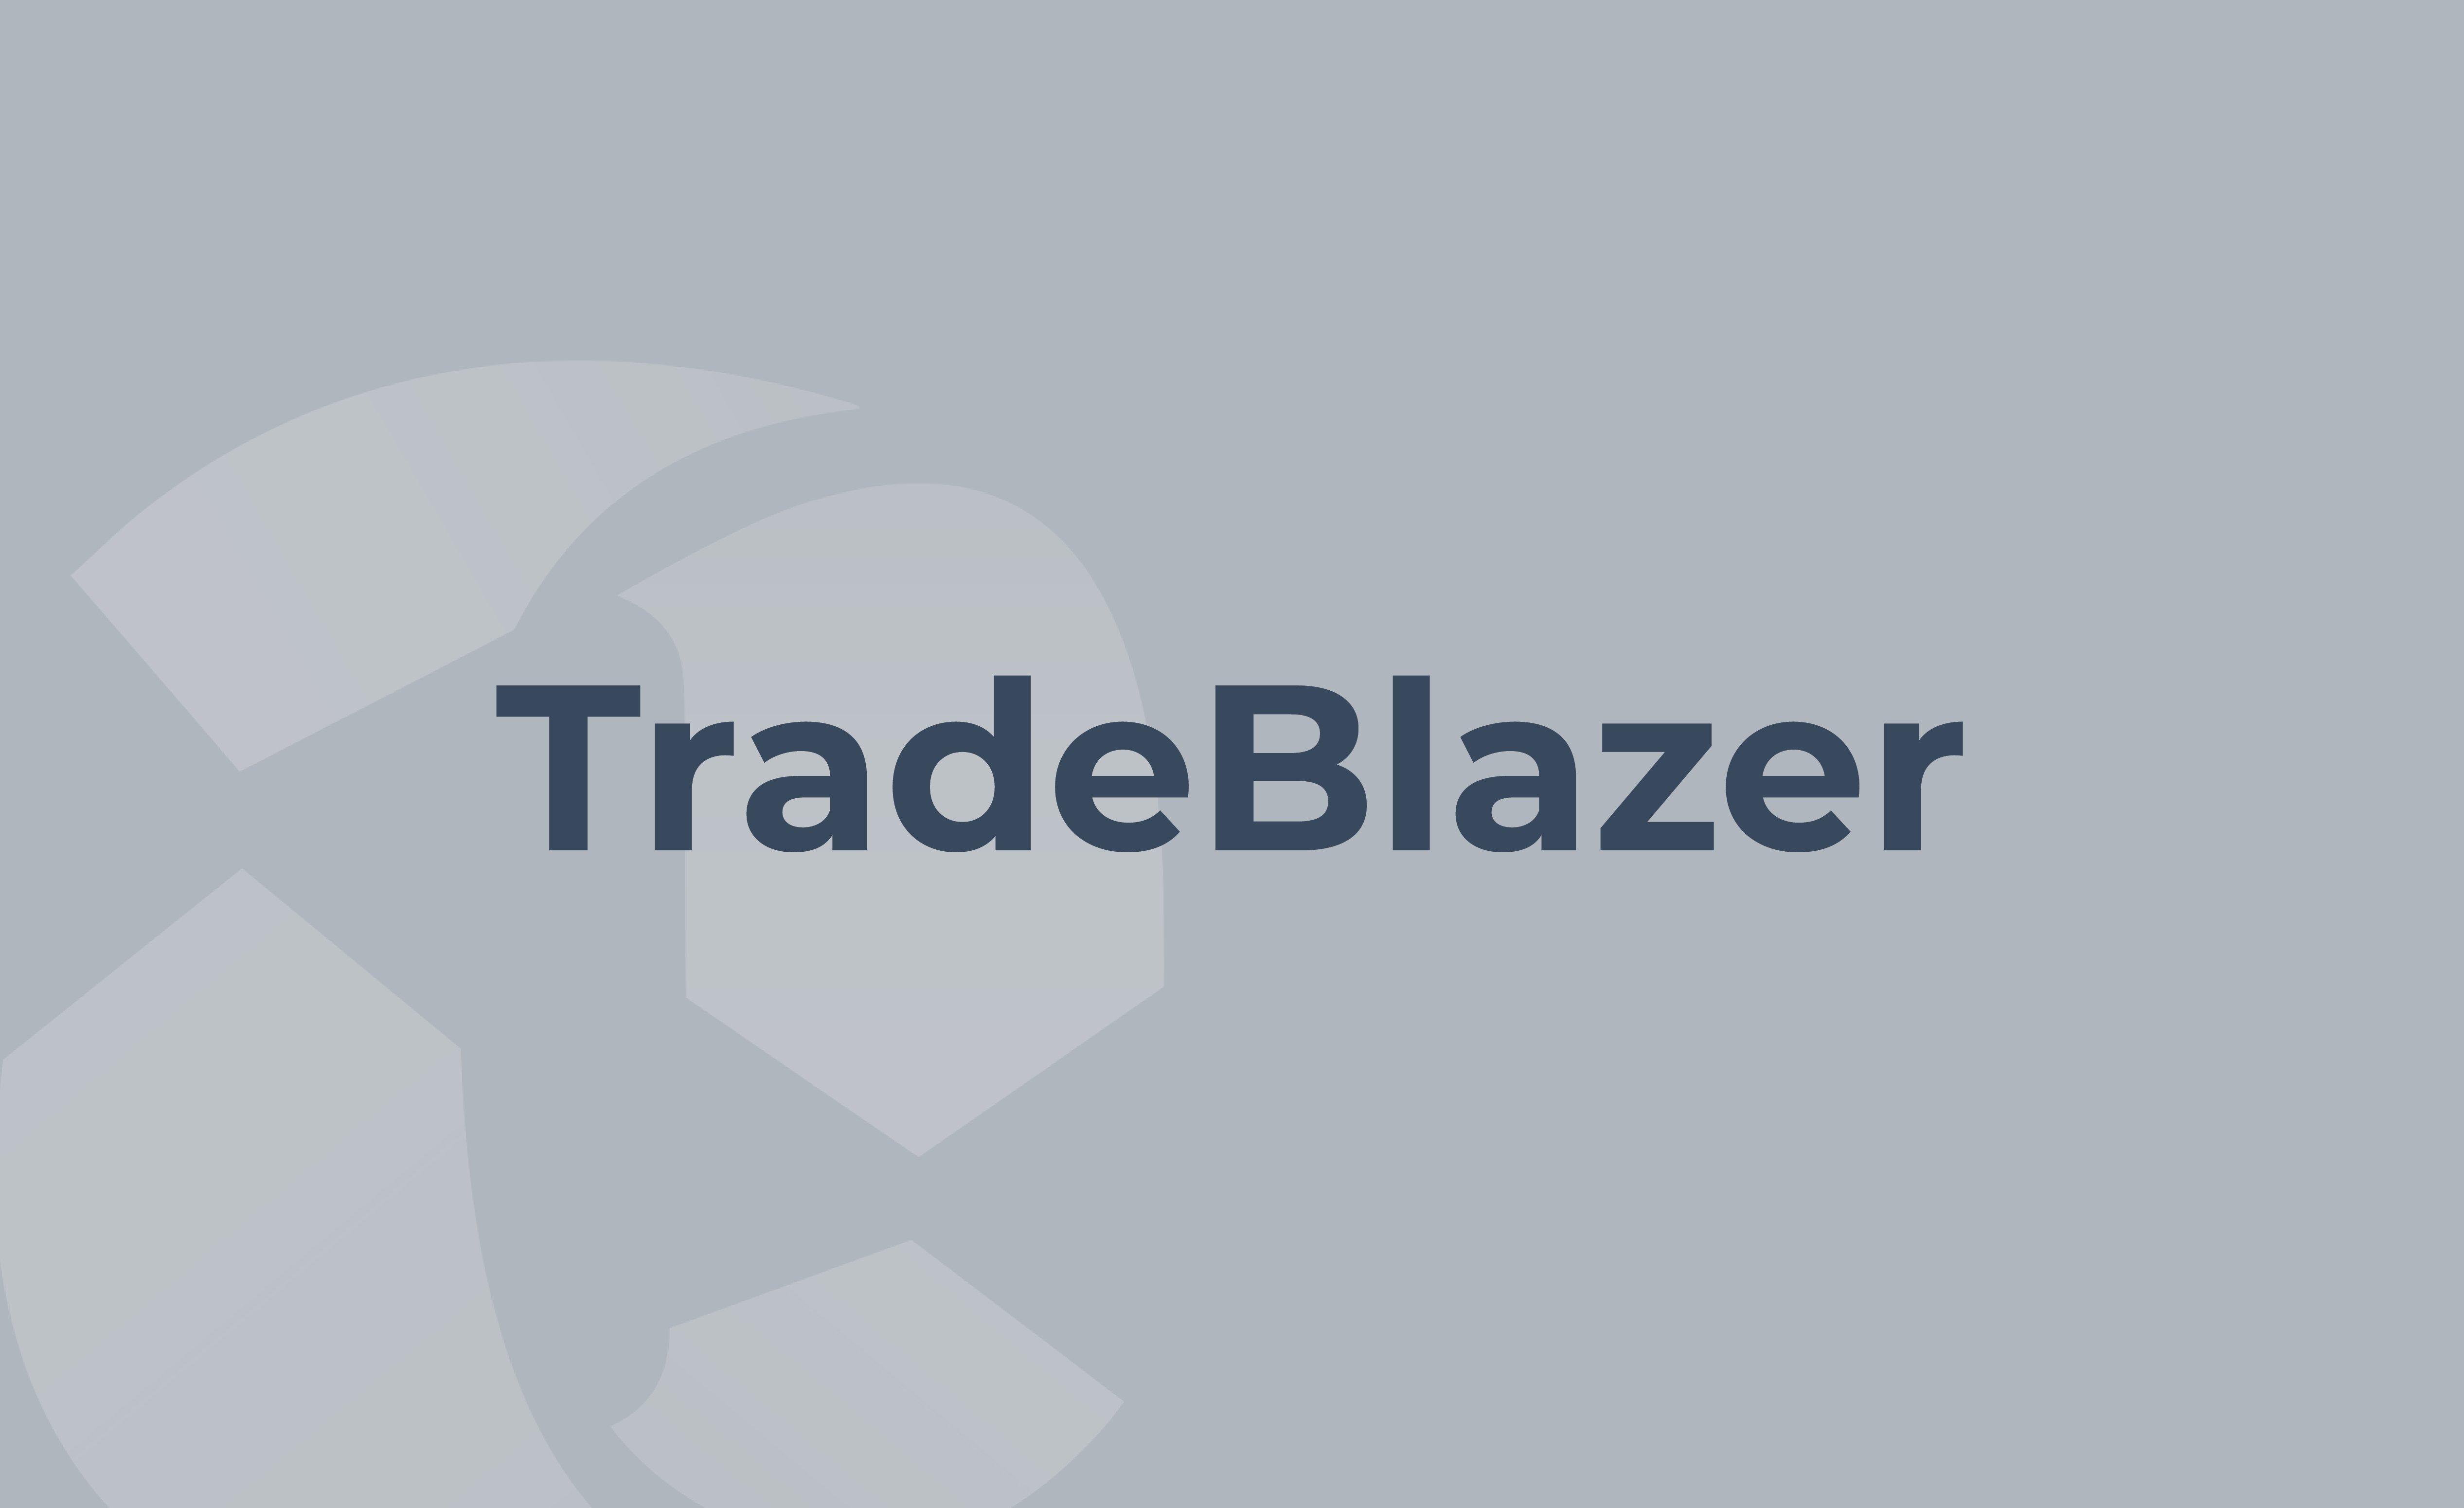 Matrix_TradeBlazer